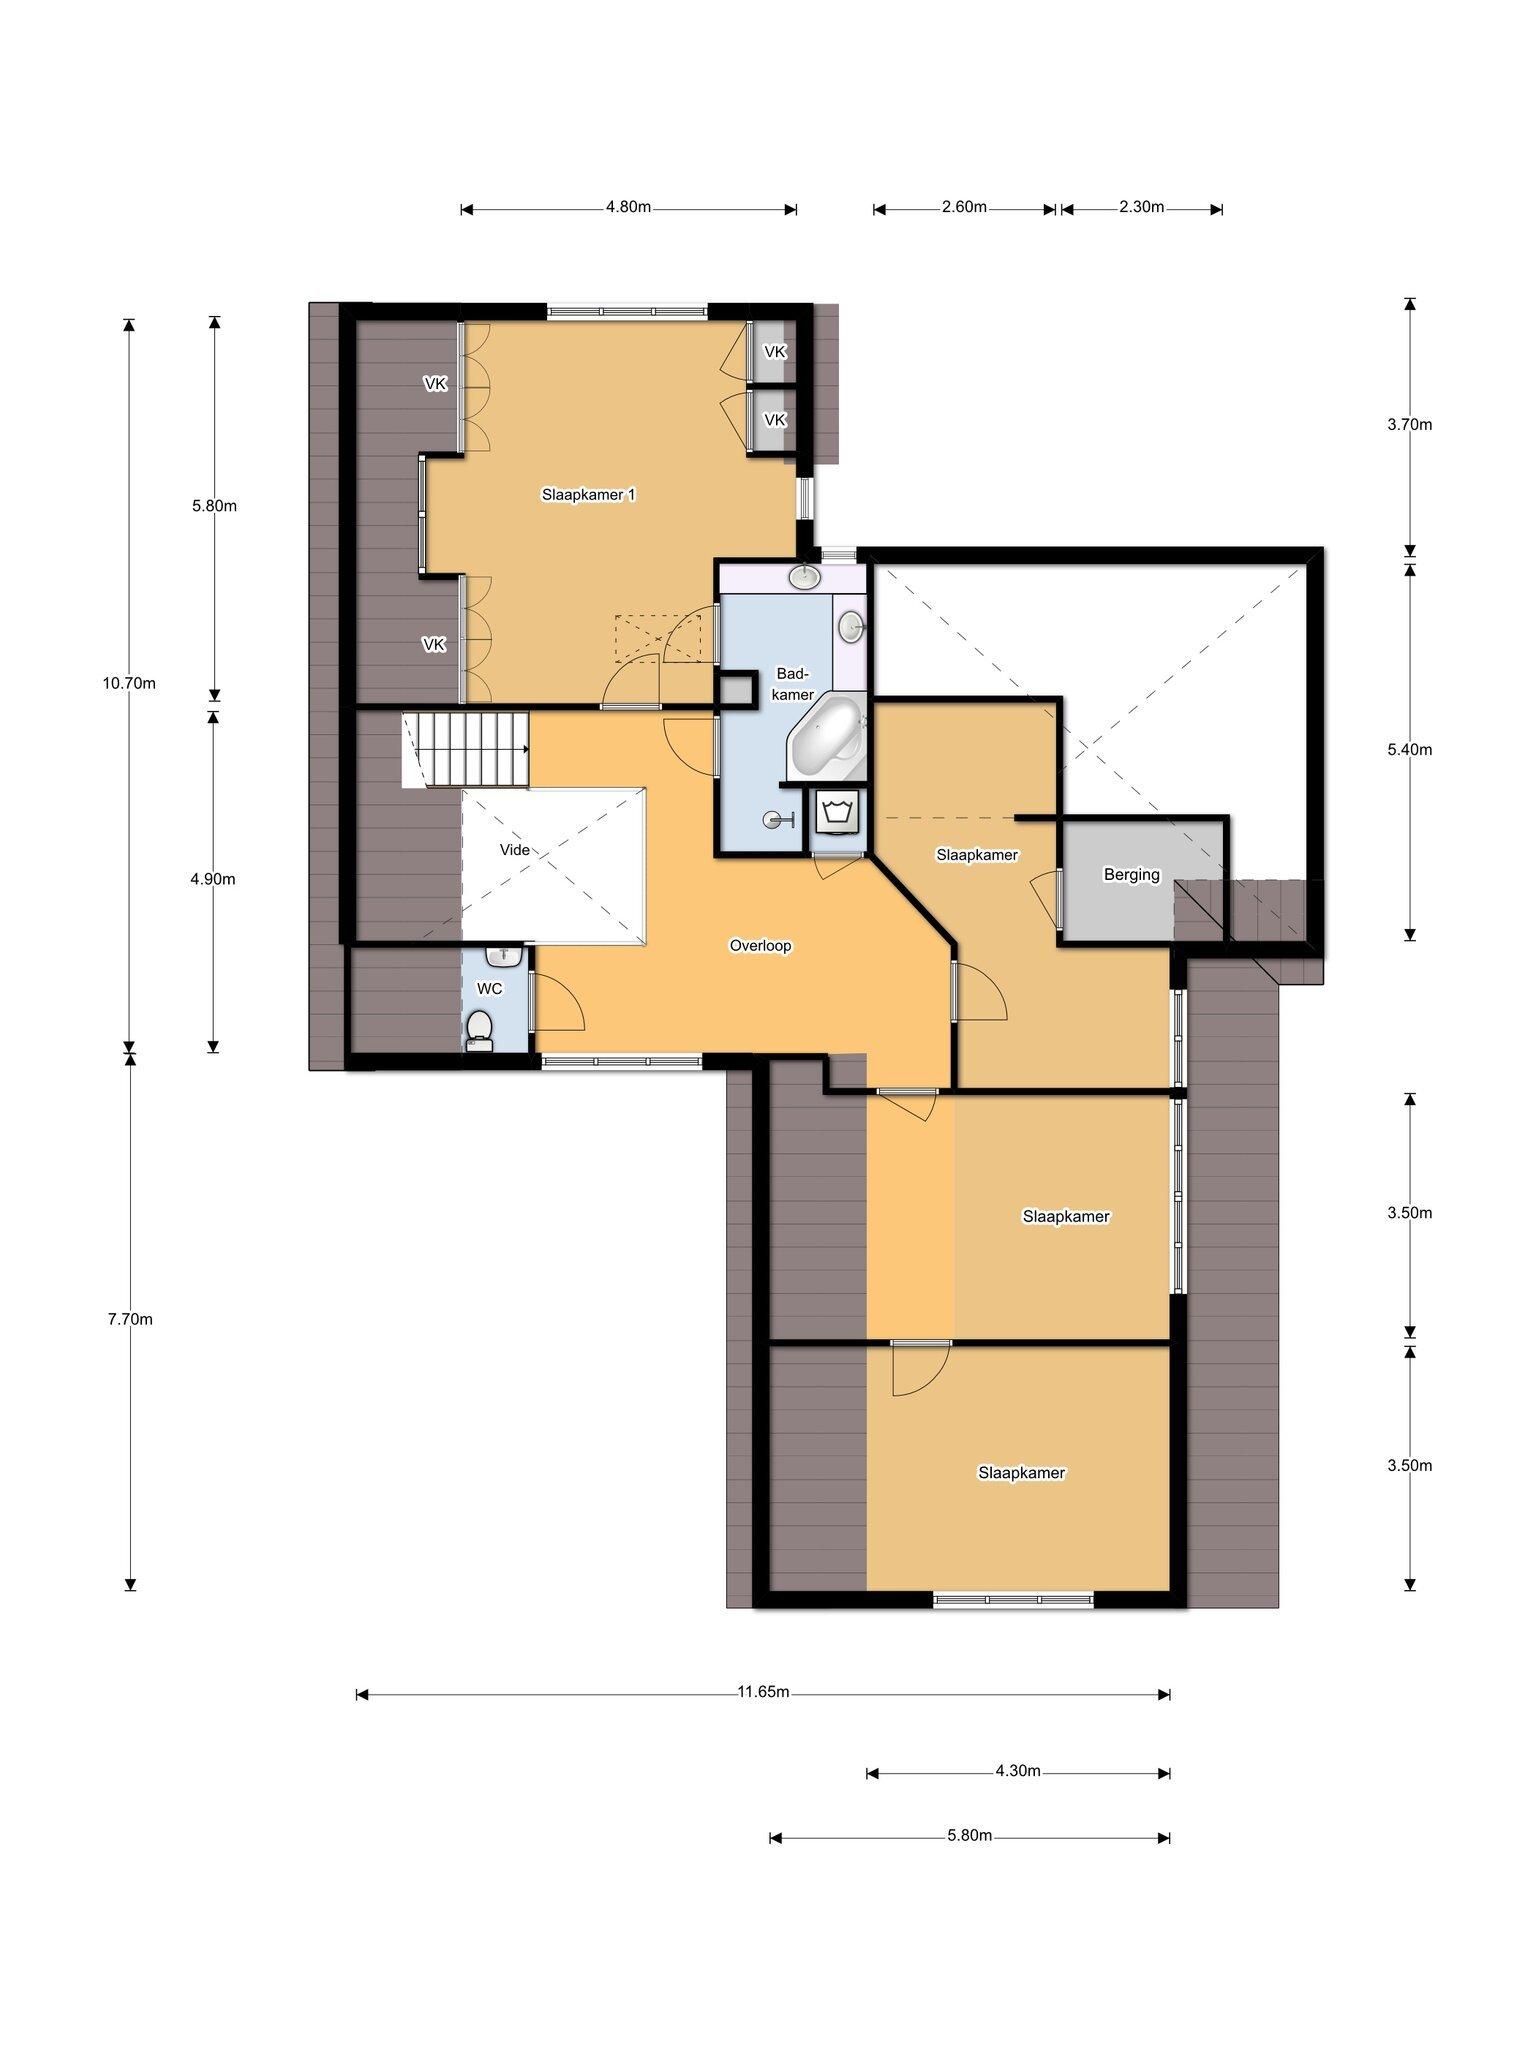 Plattegrond Burg Roosmale Nepveulaan 2